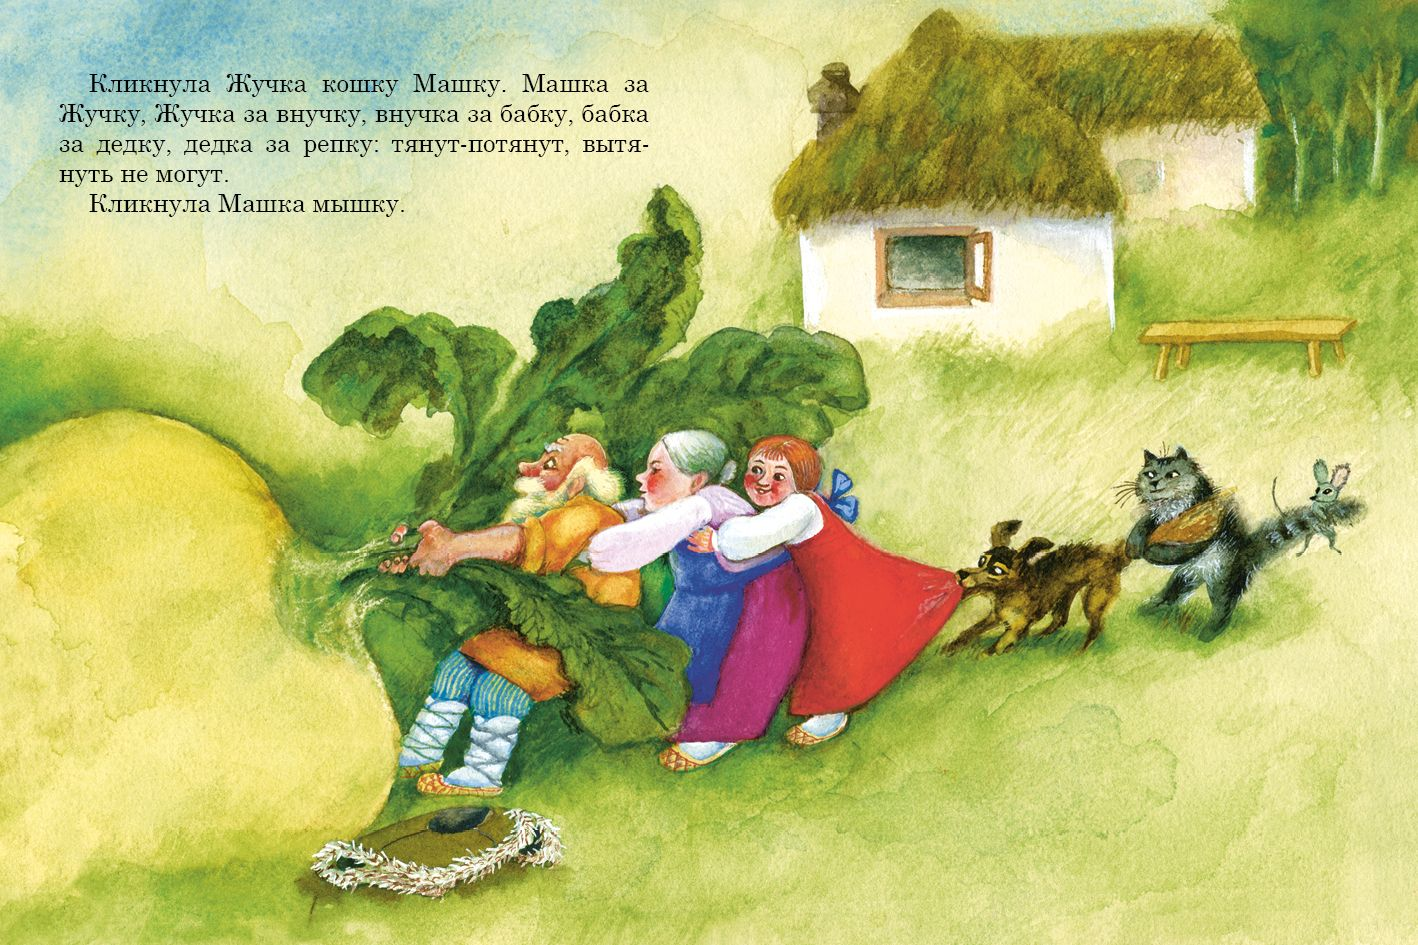 Смешная сказка с картинками для детей, наступающий старый